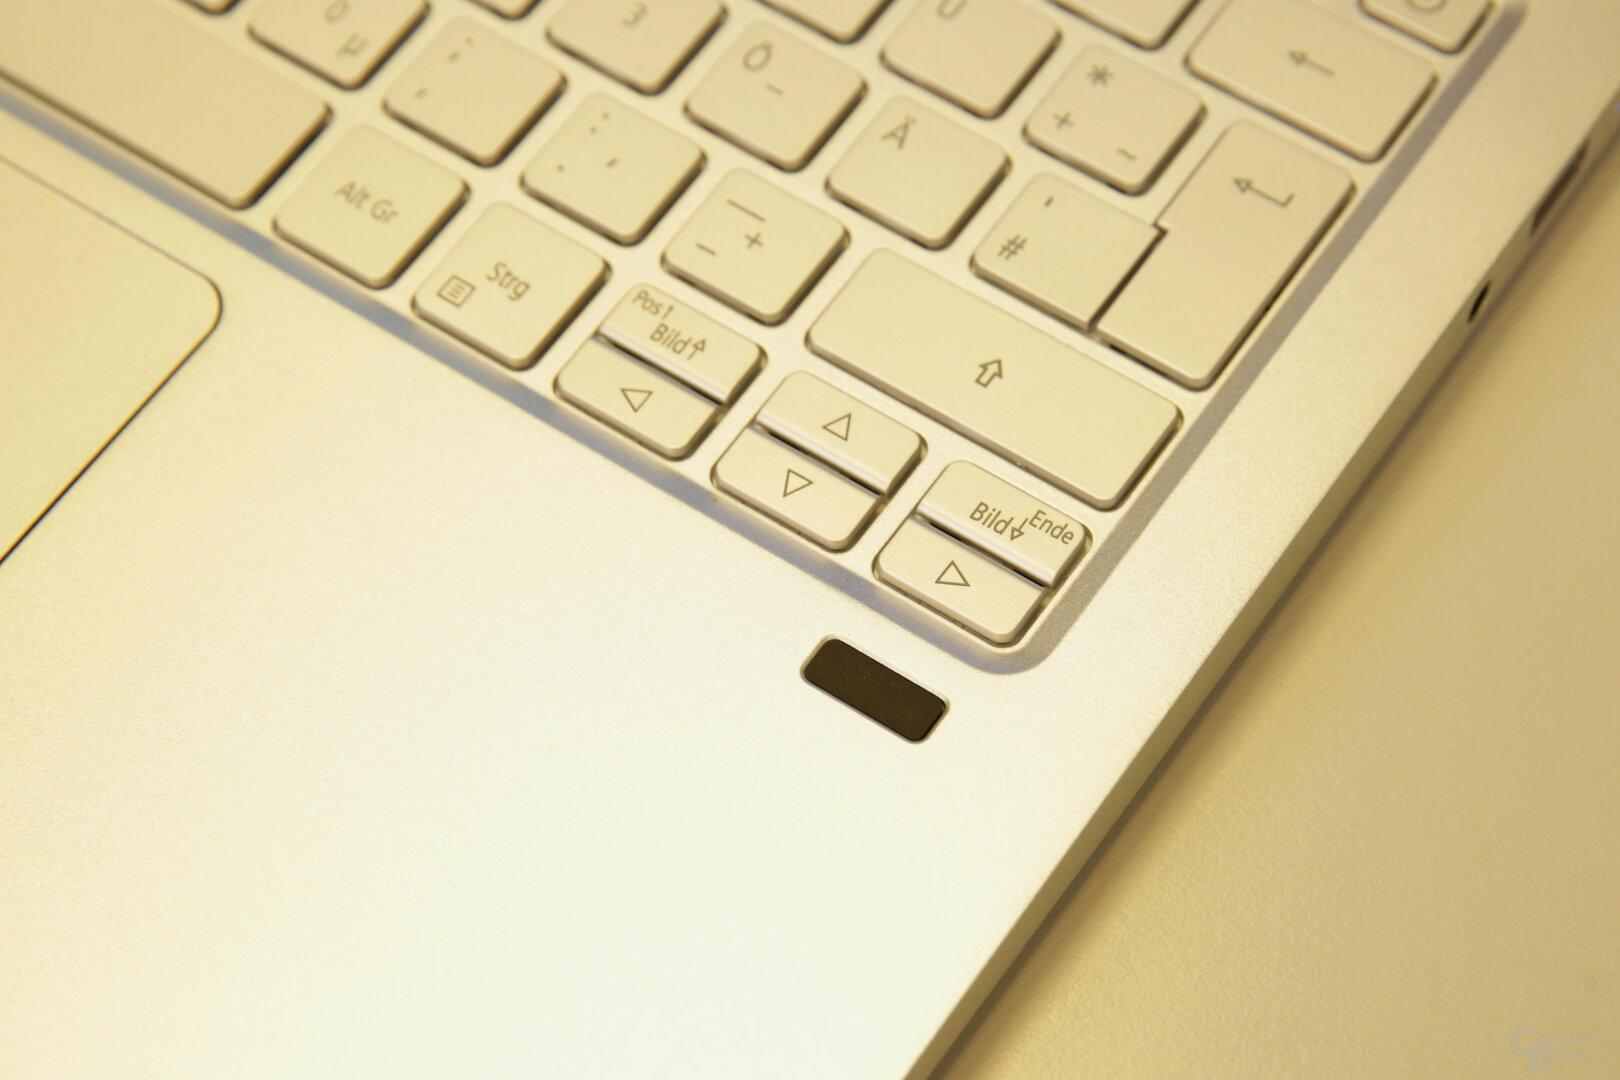 Kleiner, aber sehr zuverlässiger Fingerabdrucksensor